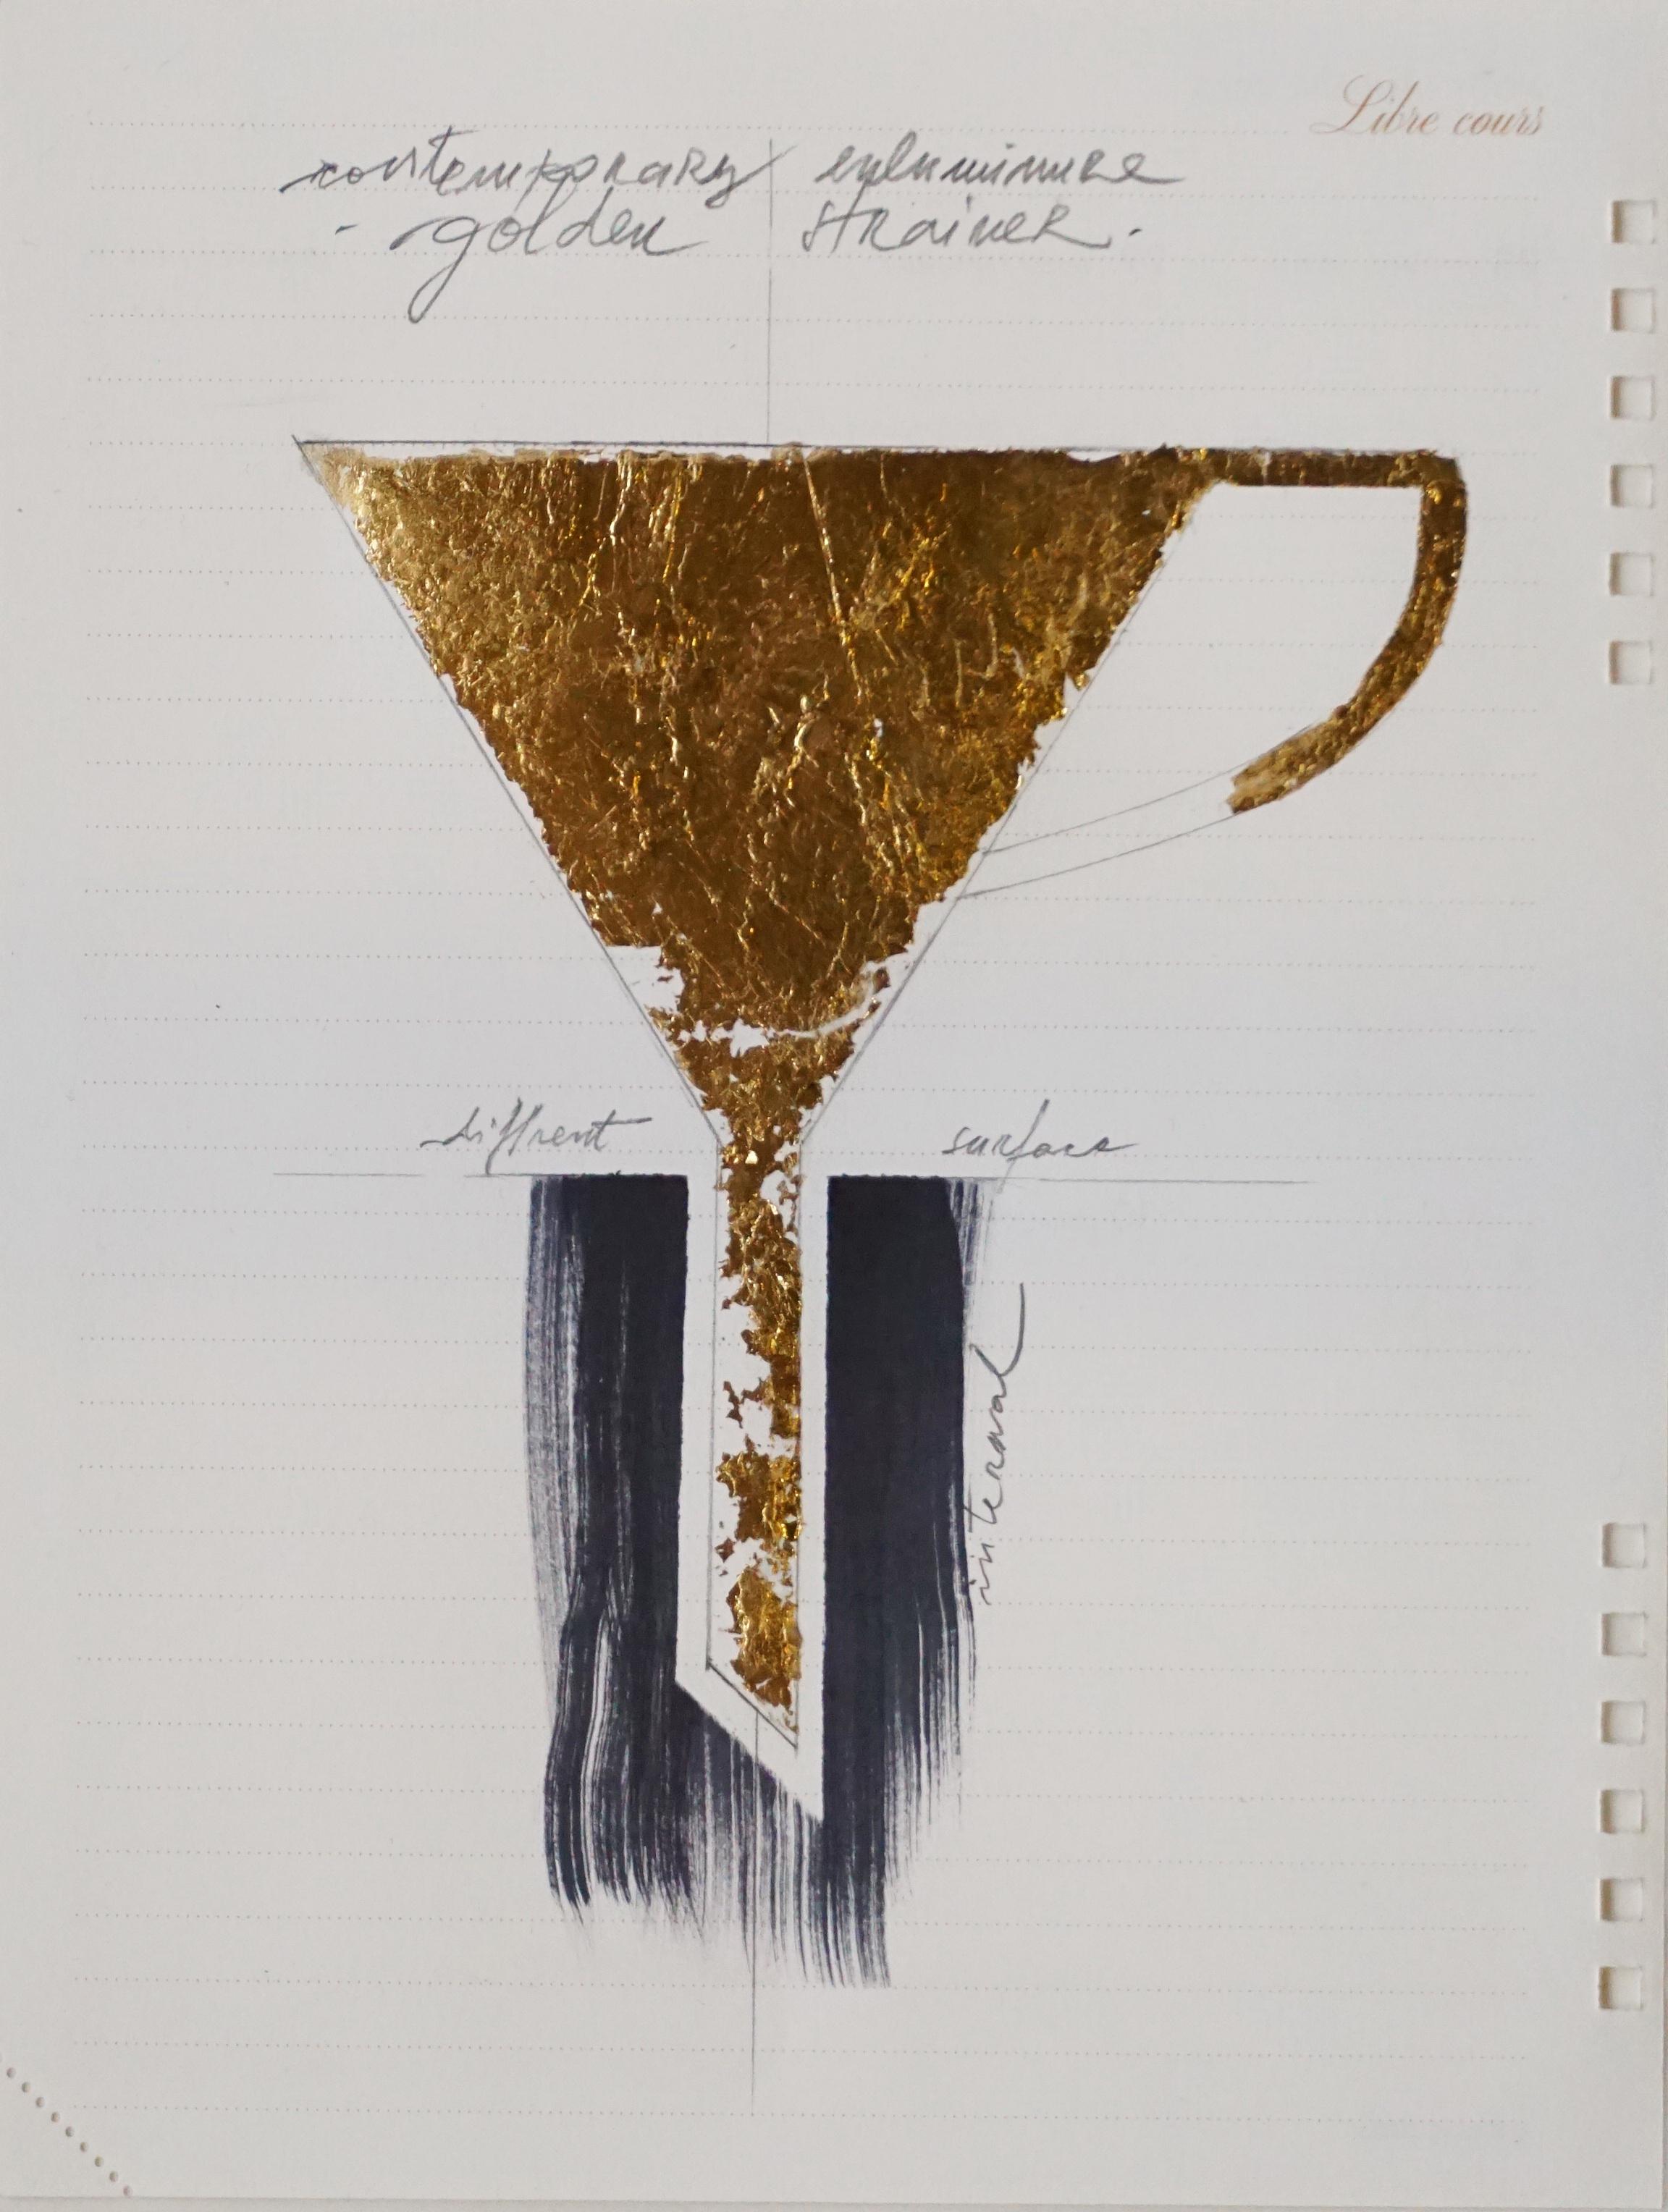 Temporel Louis Vuitton 2 (2015) mixed media, 21 x 16 cm